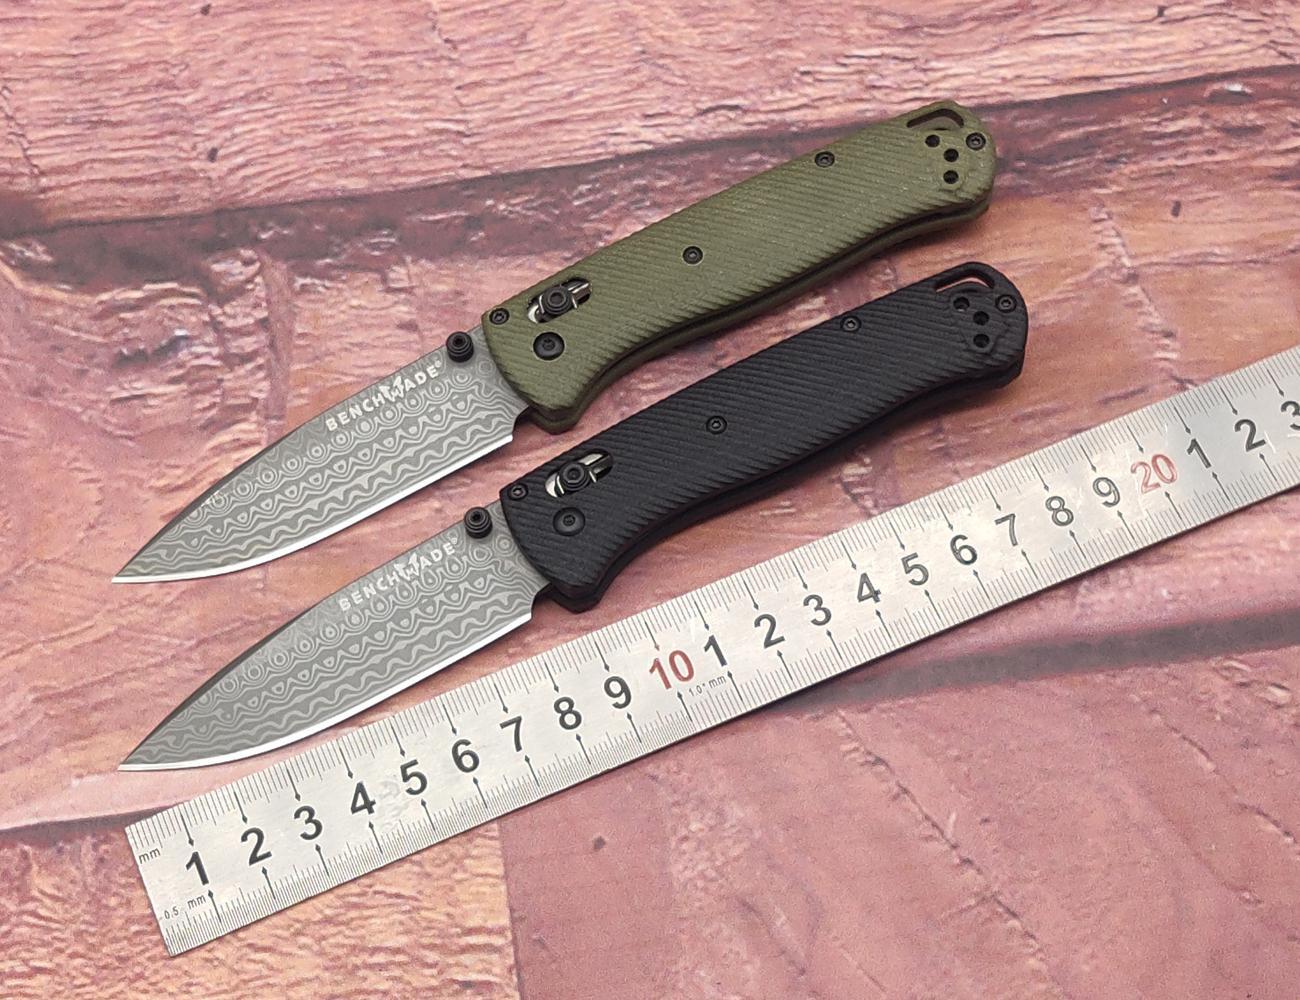 2021 535 535 cuscinetto a sfera in acciaio desktop coltello pieghevole maniglia G10 3D Gong modello antiscivolo Mano sensazione Tuas in acciaio VG10 in acciaio coreless per tagliente a